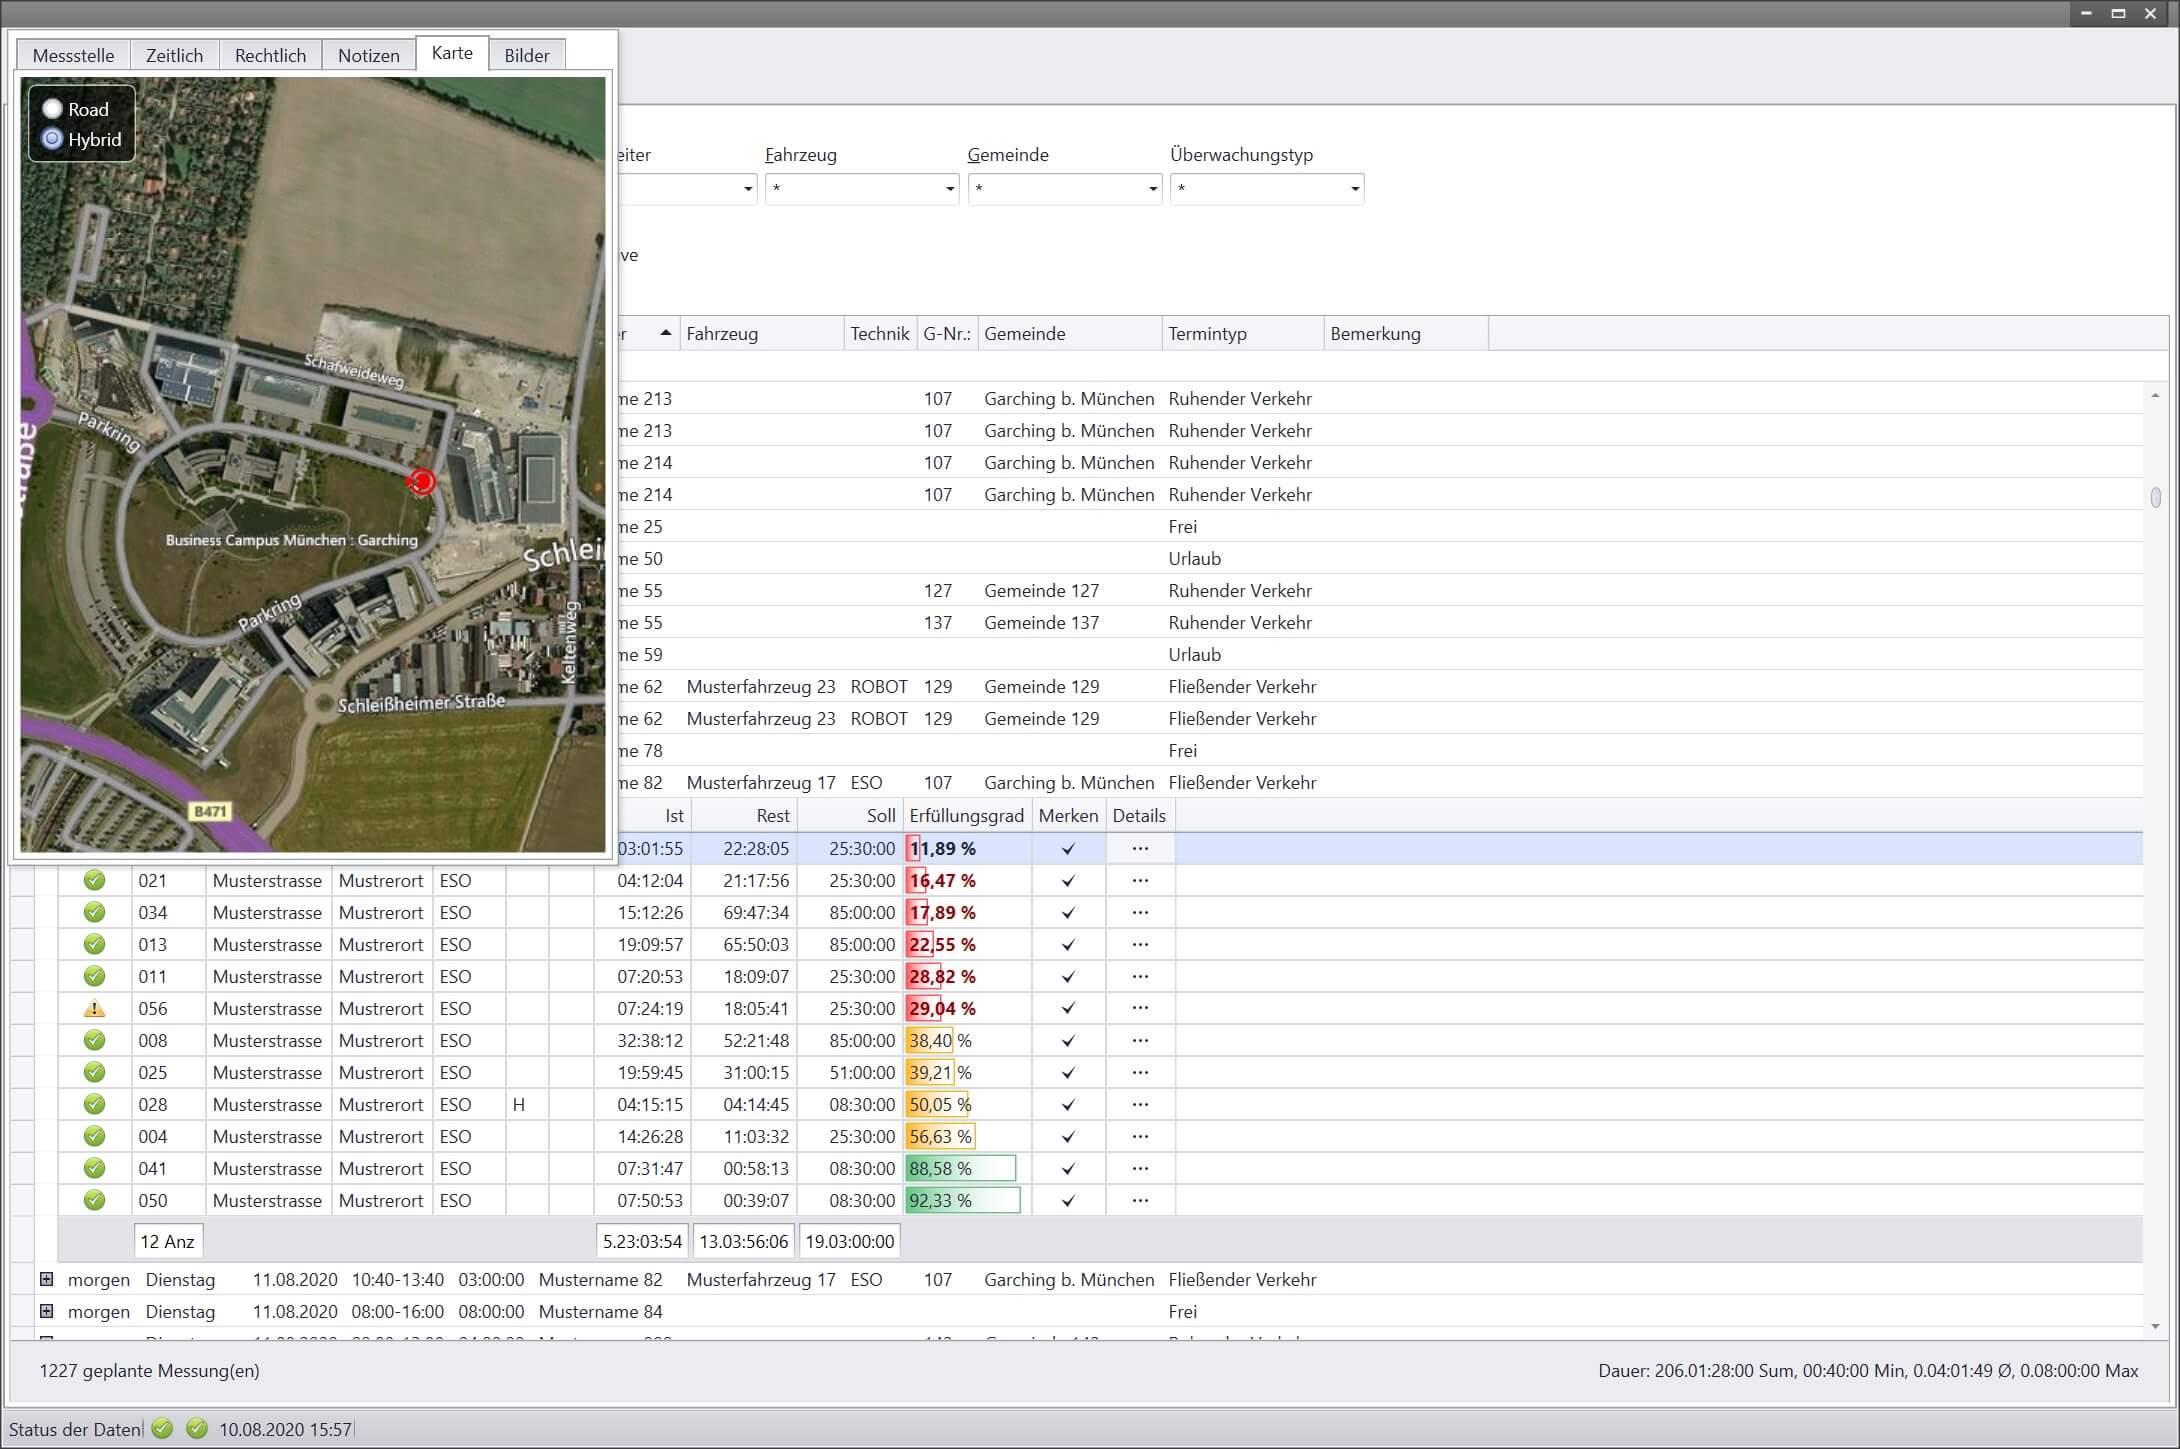 6-Dienstplan-Messstellendetails-Karte-Hybrid